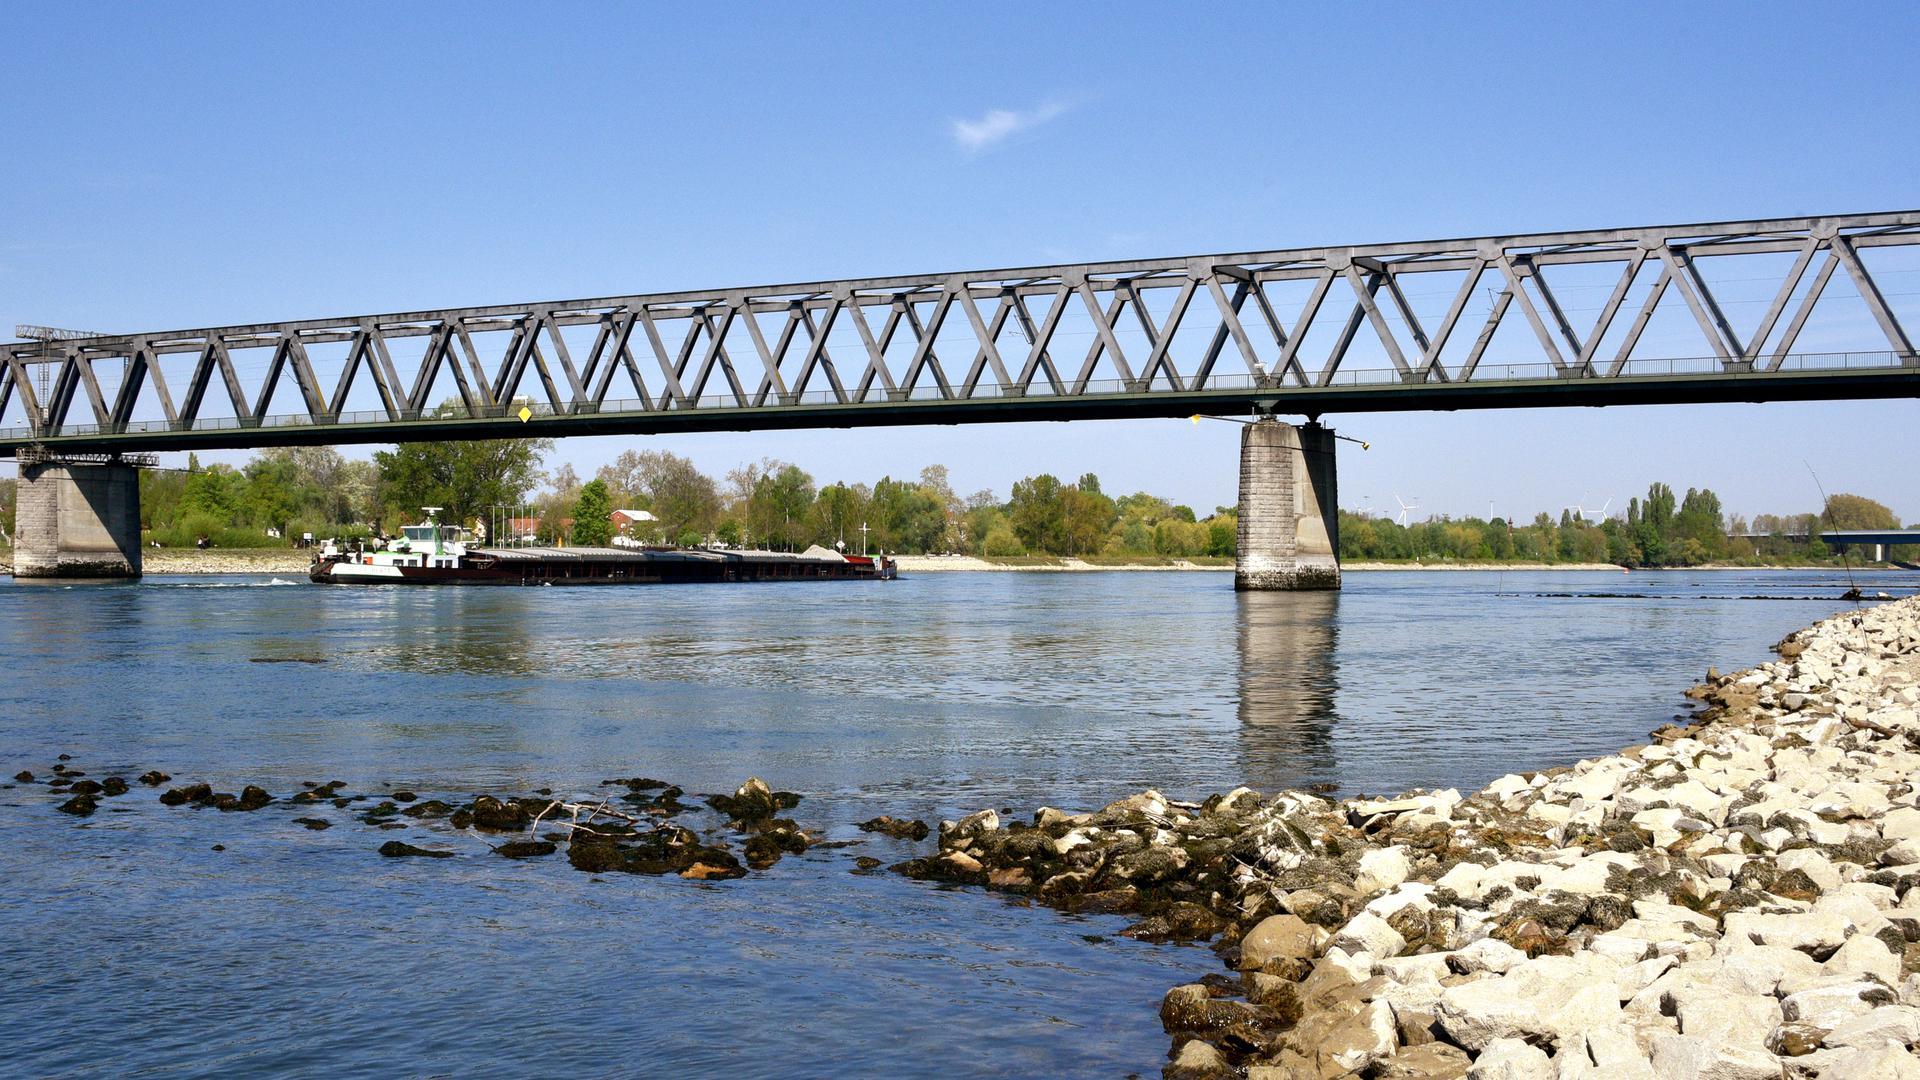 Rechts und Links vom Rhein: Vor der Krise prägten Pendlerströme zwischen dem Landkreis Germersheim und dem Landkreis sowie der Stadt Karlsruhe die Brücken des Flusses. Die derzeitige Belastung der jeweiligen Gebiete durch bestätigte Corona-Fälle unterscheidet sich aber eklatant.